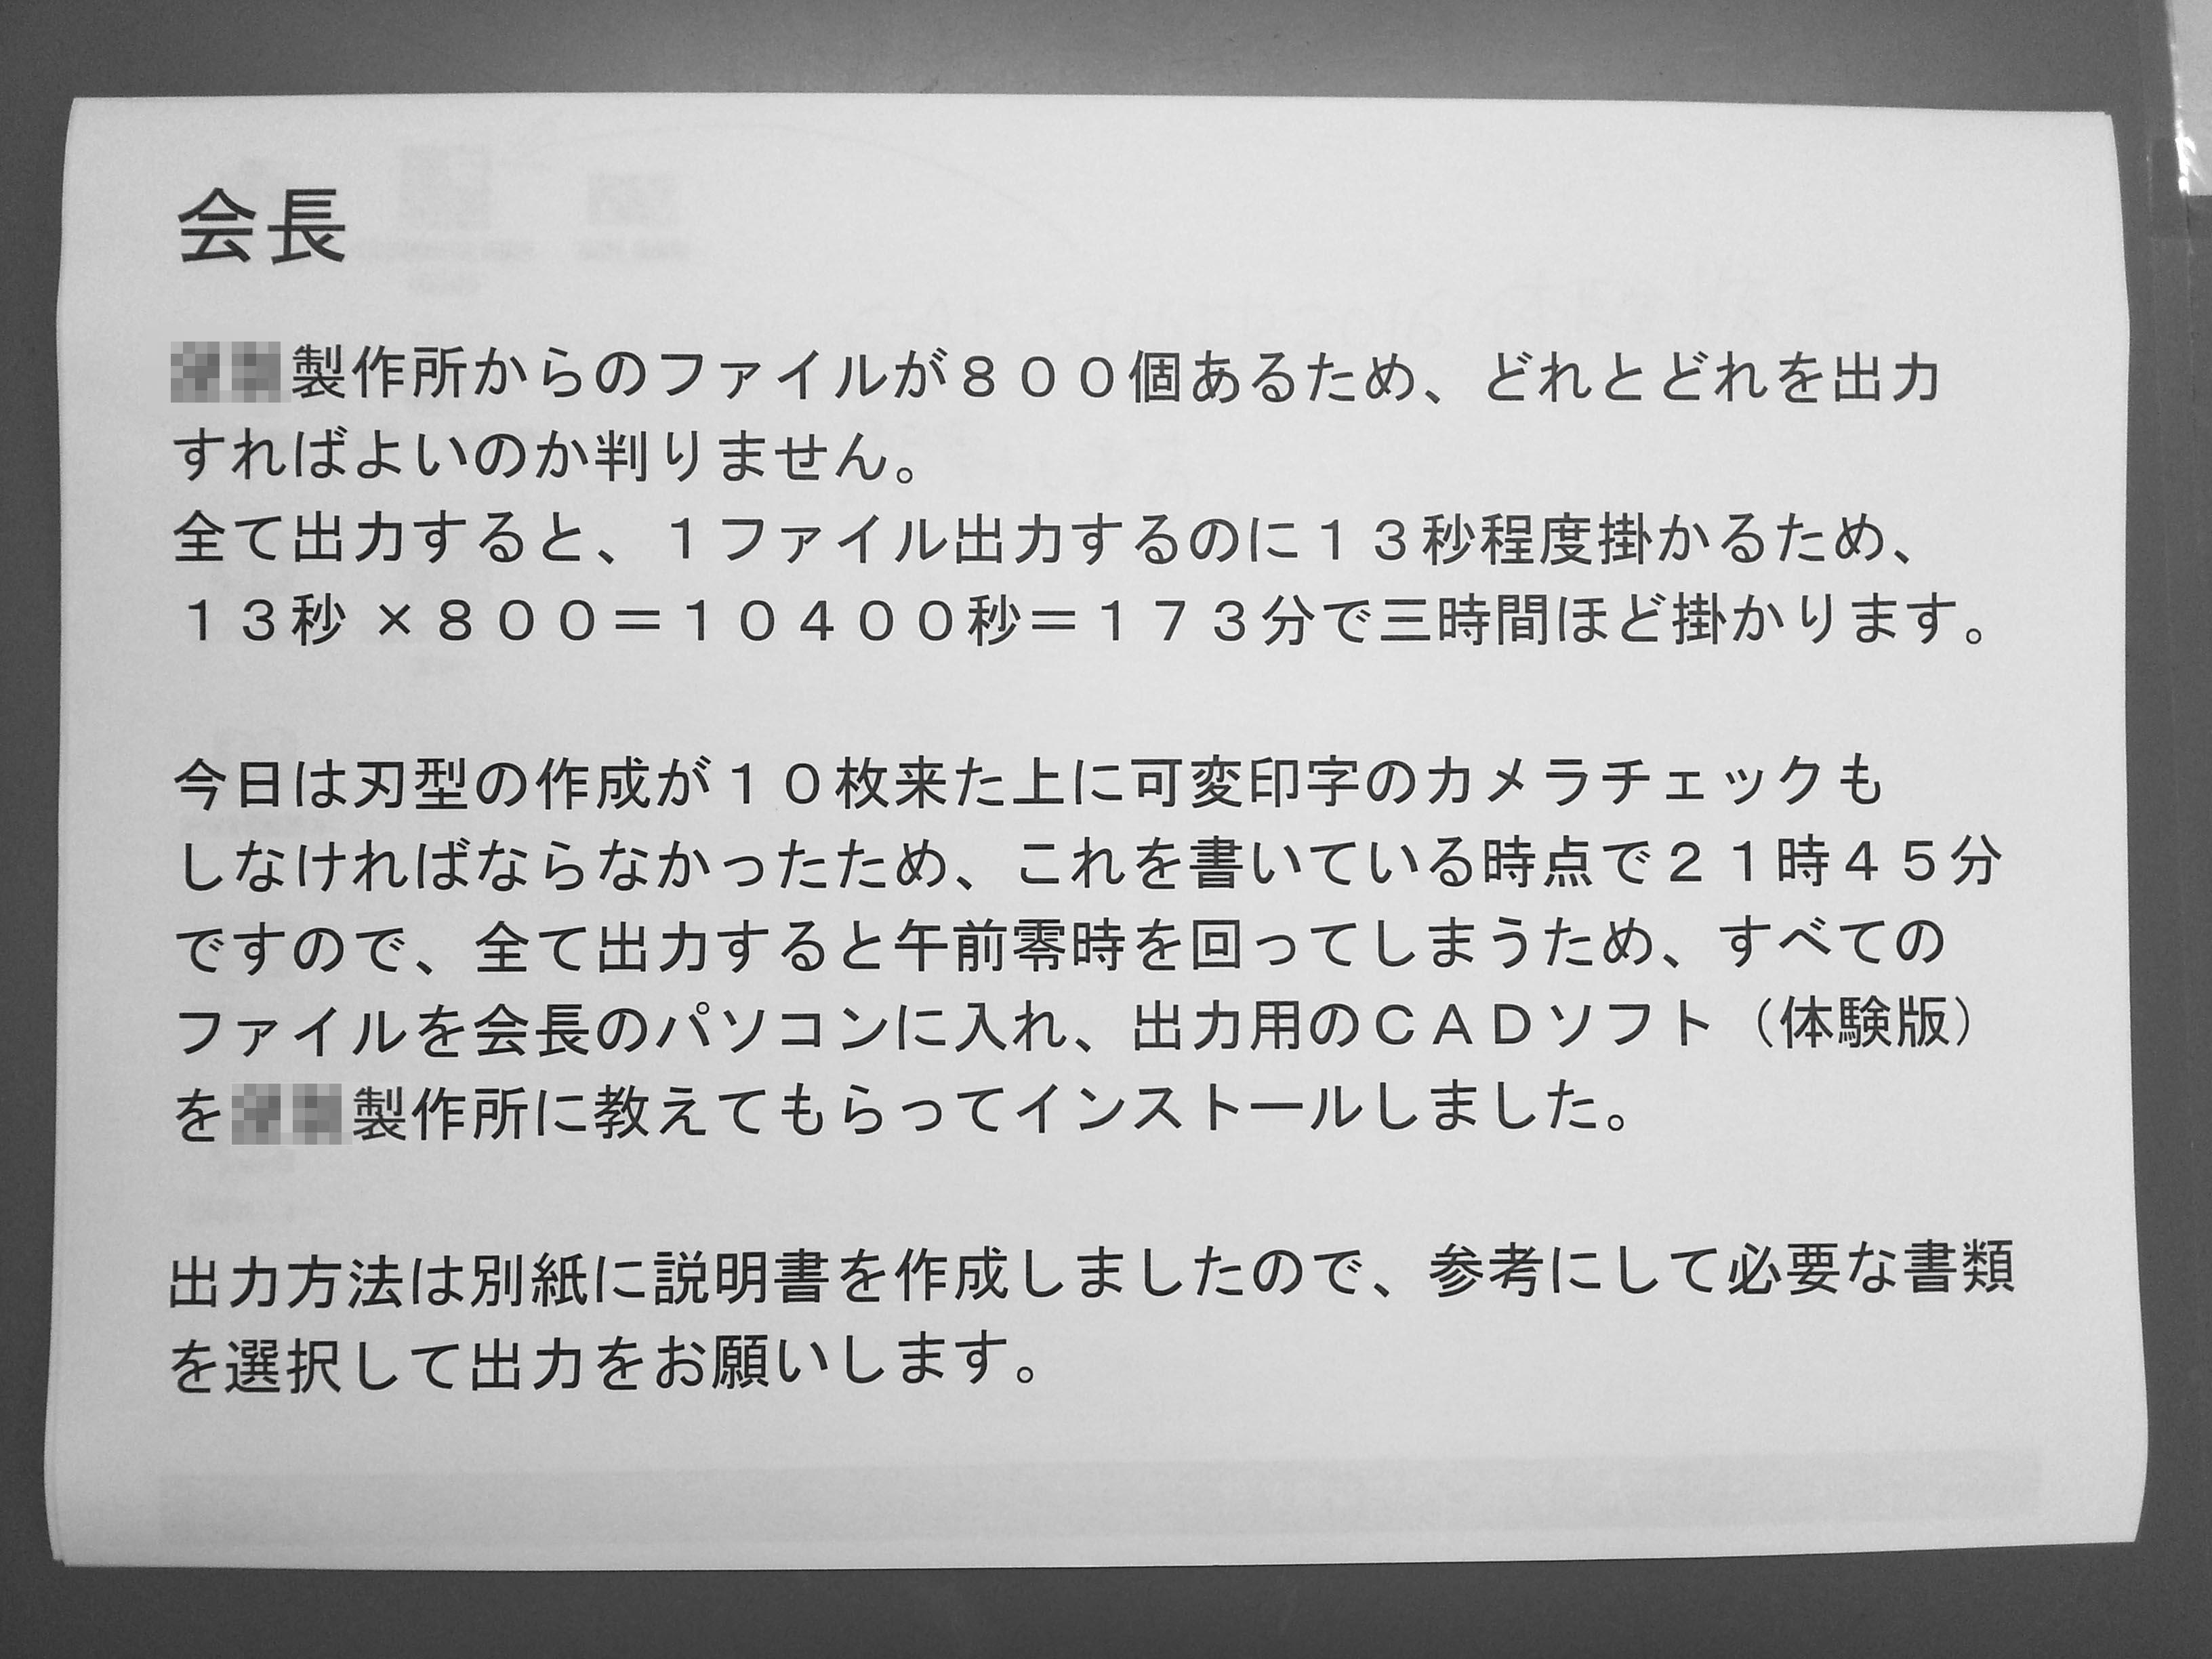 会長伝言メモ